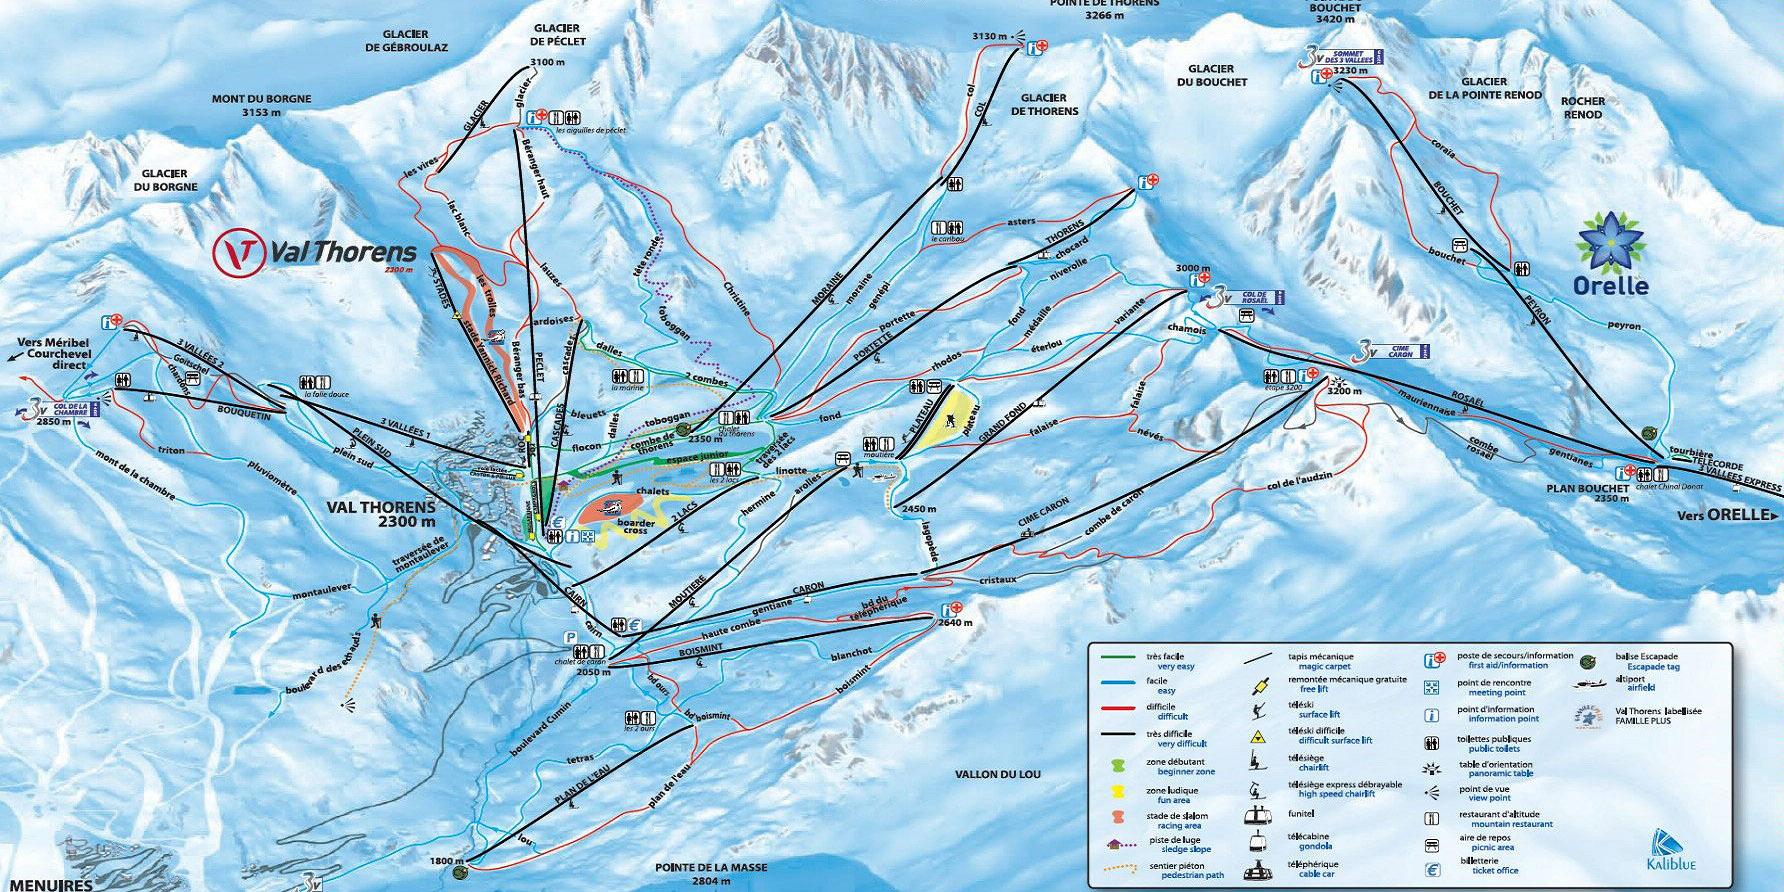 Карта трасс Валь Торанс